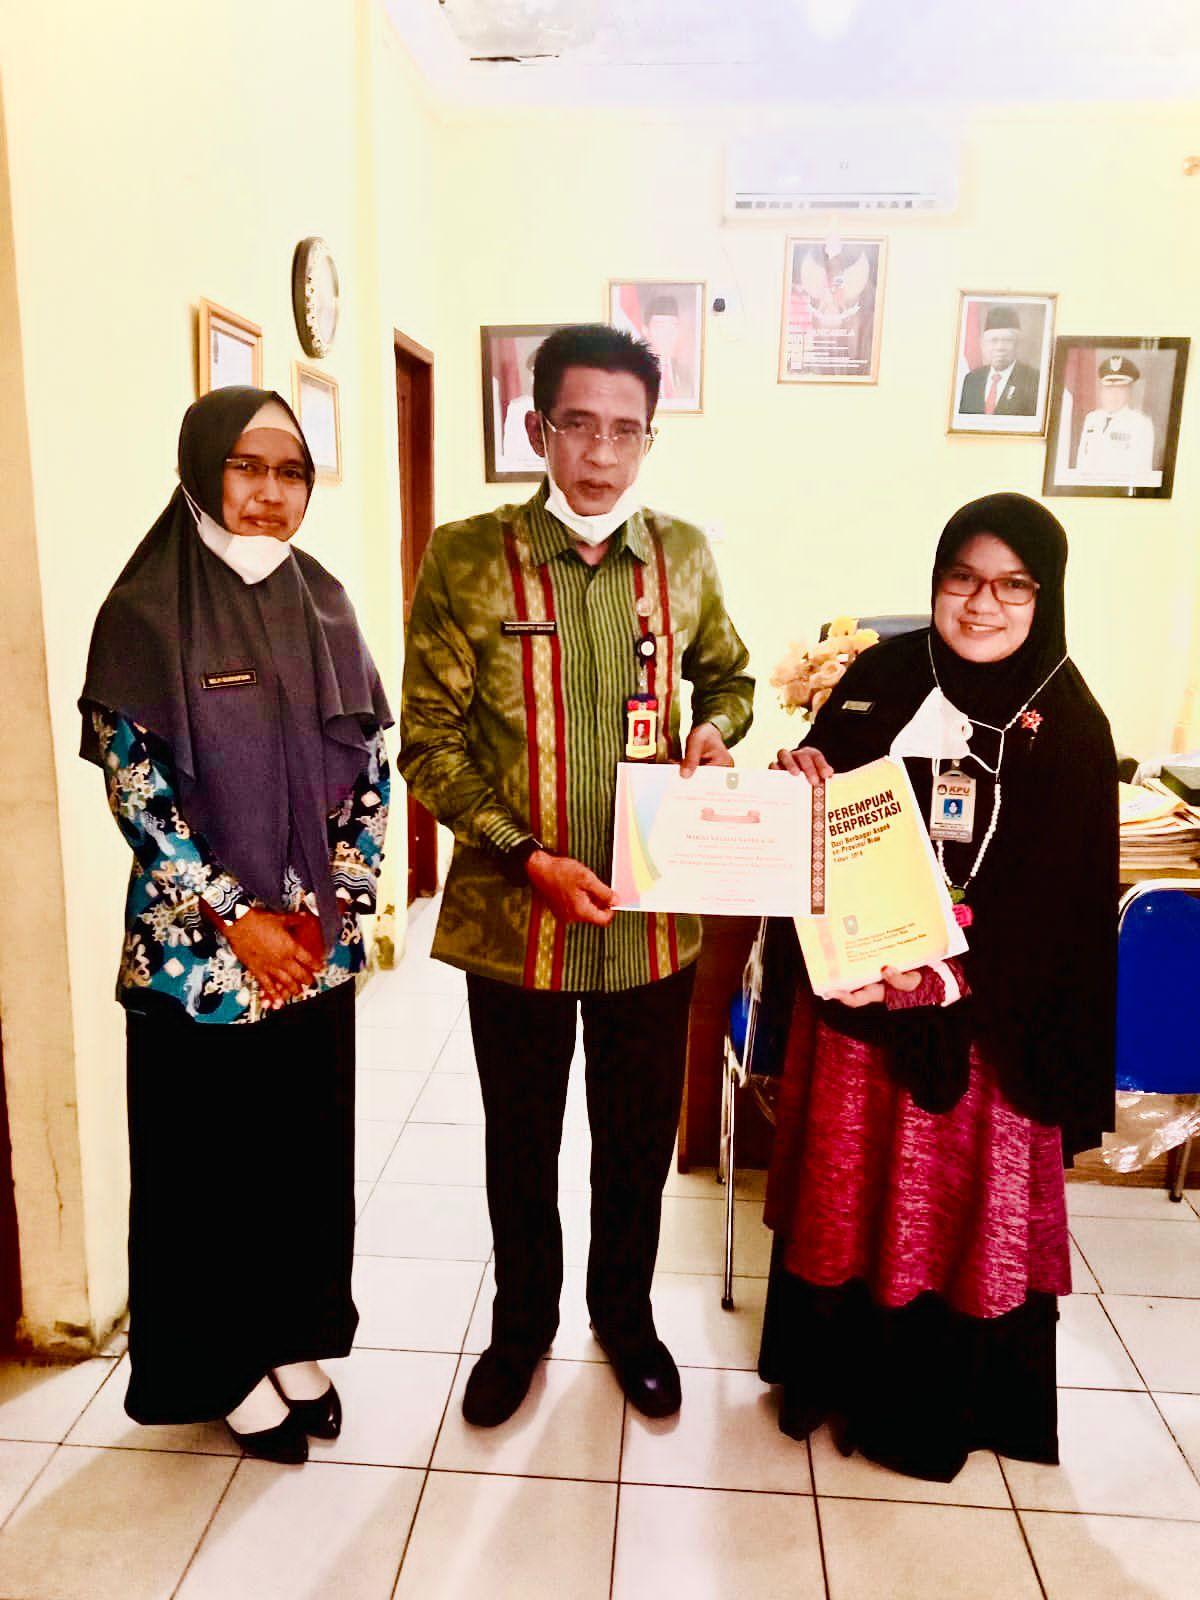 Marisa Natalia Natra Terpilih Jadi Salah Satu Perempuan Berprestasi se-Riau.